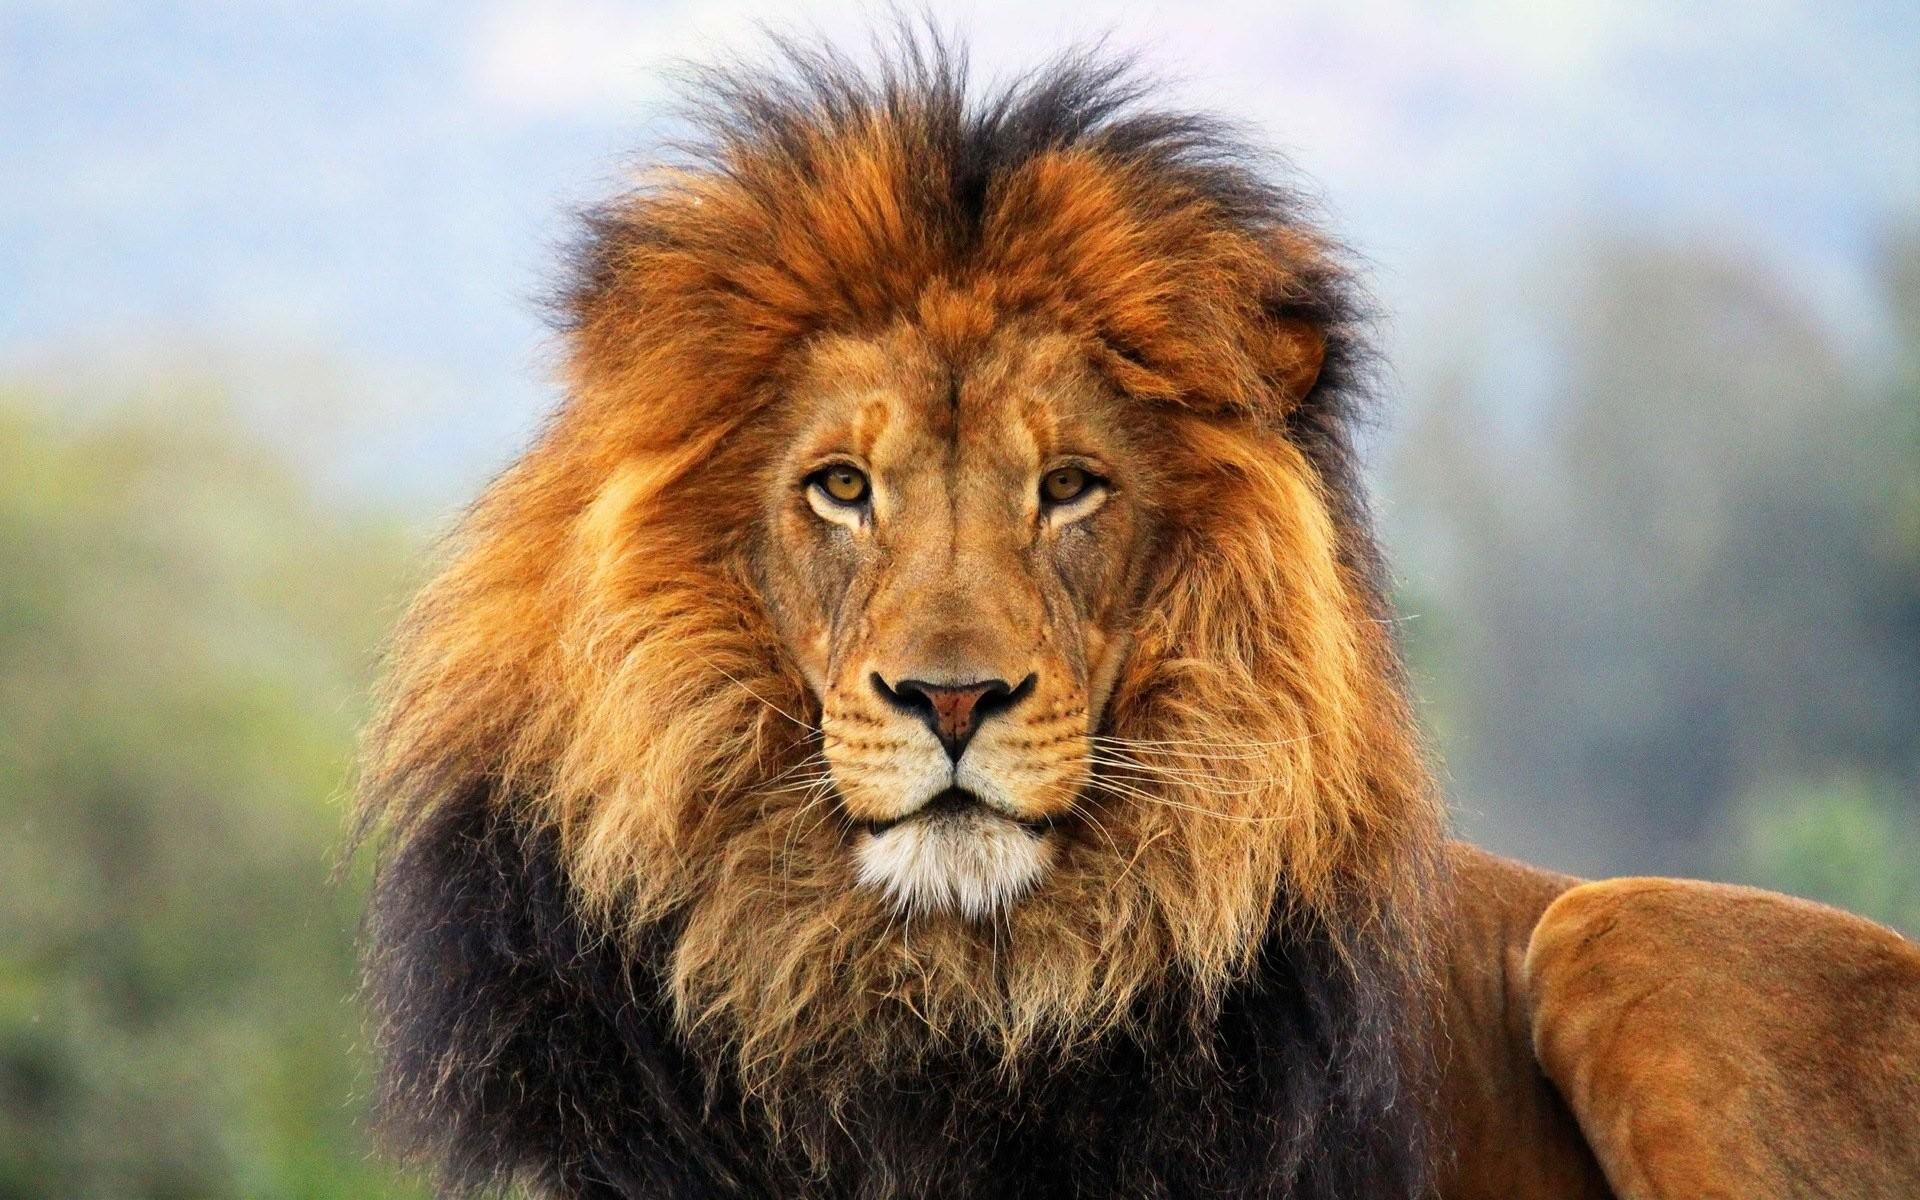 HD Lion Wallpaper